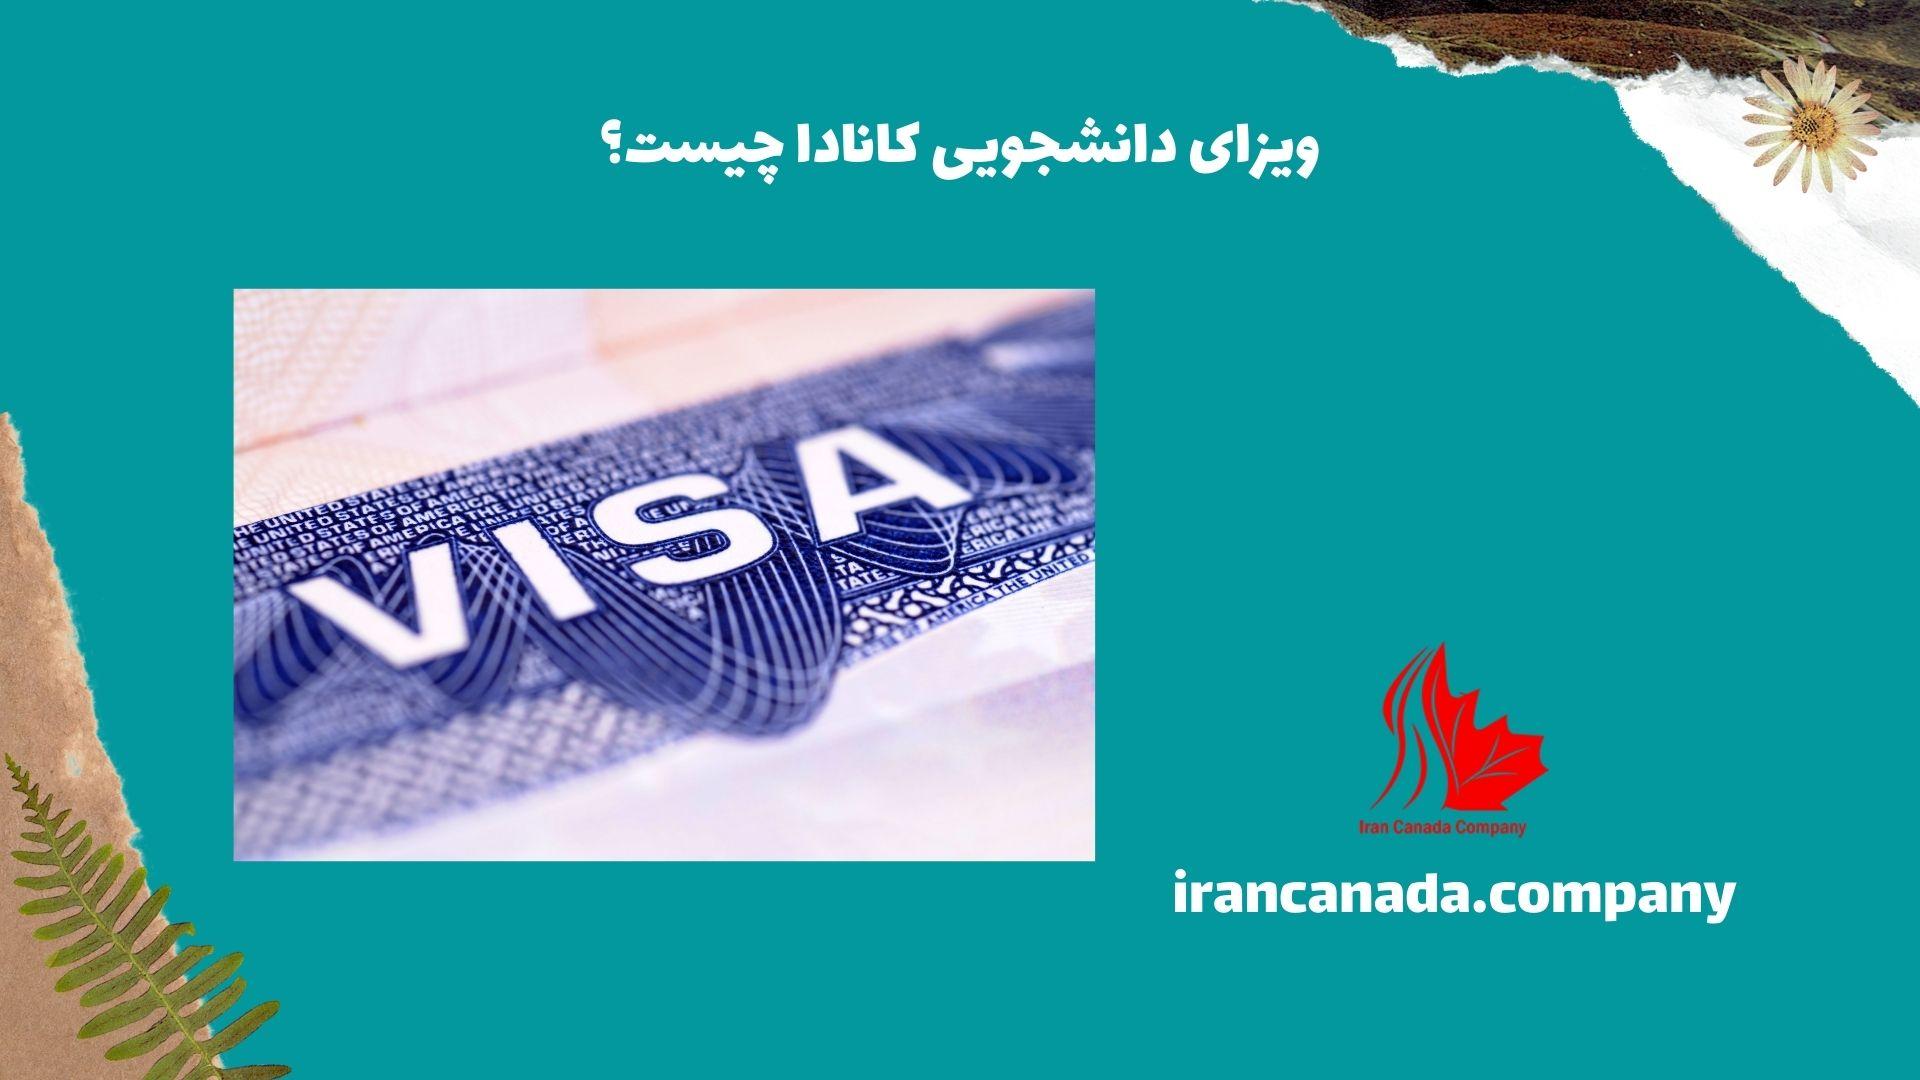 ویزای دانشجویی کانادا چیست؟